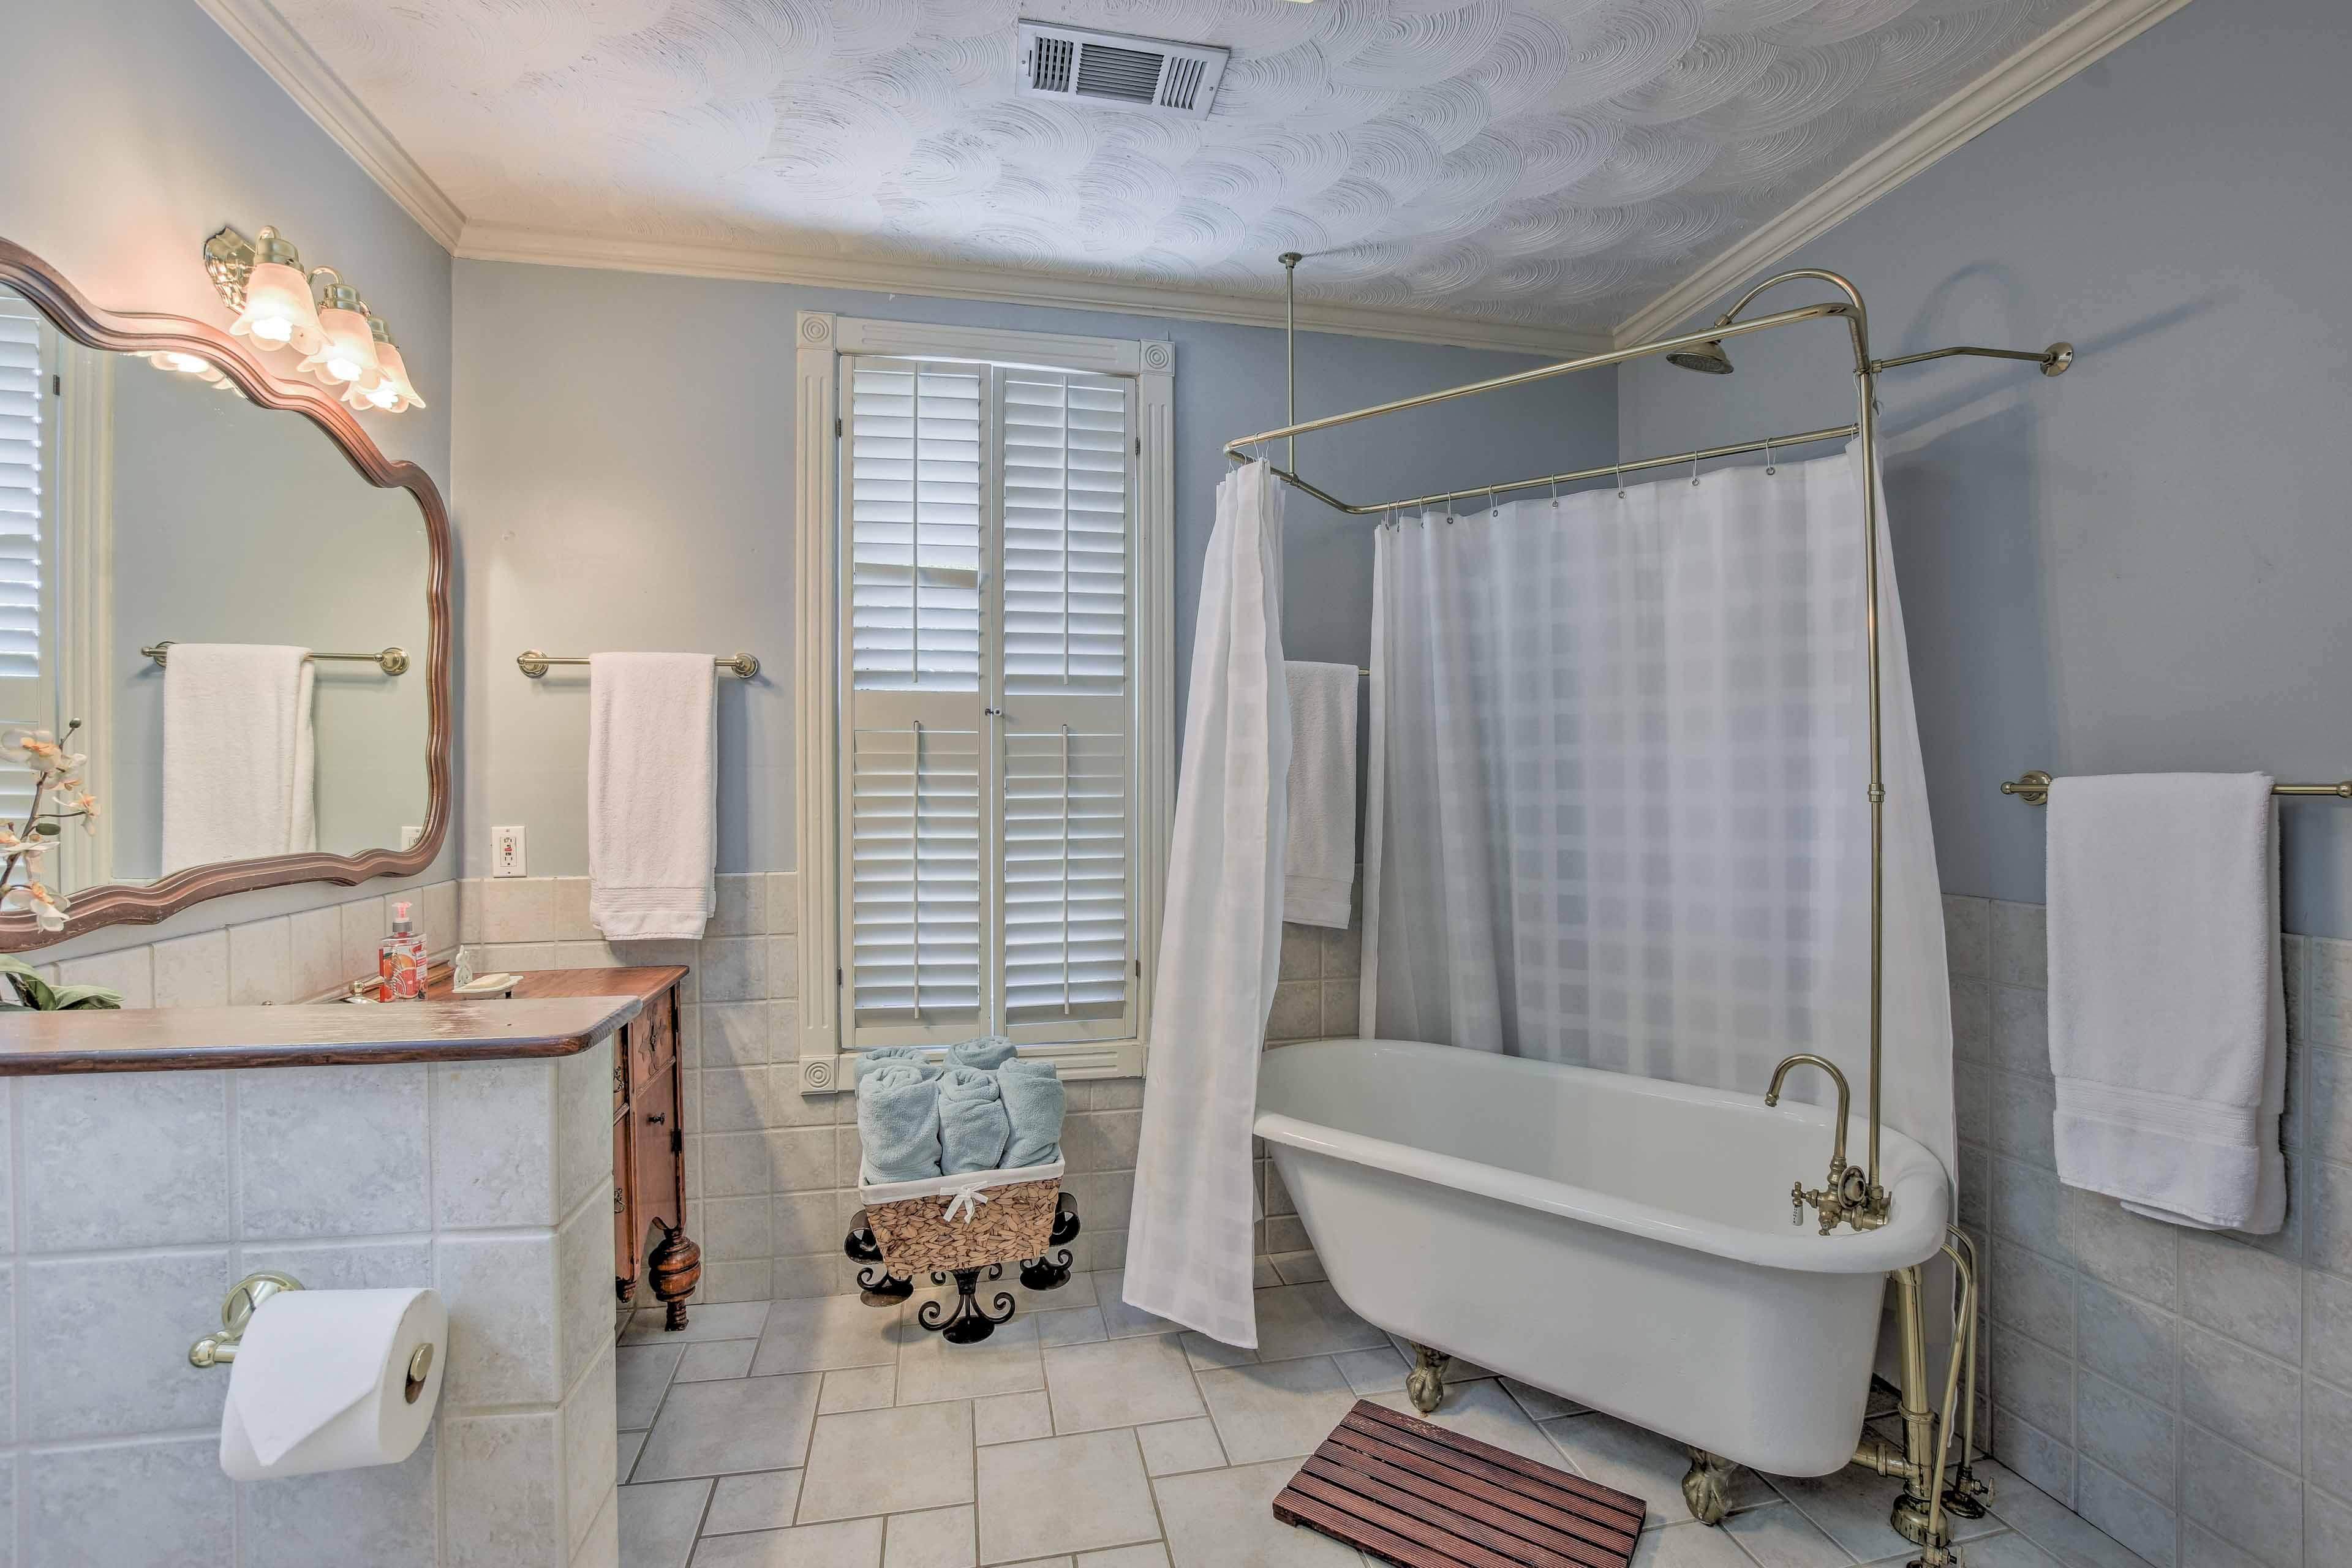 Soak in the original claw-foot bathtub.